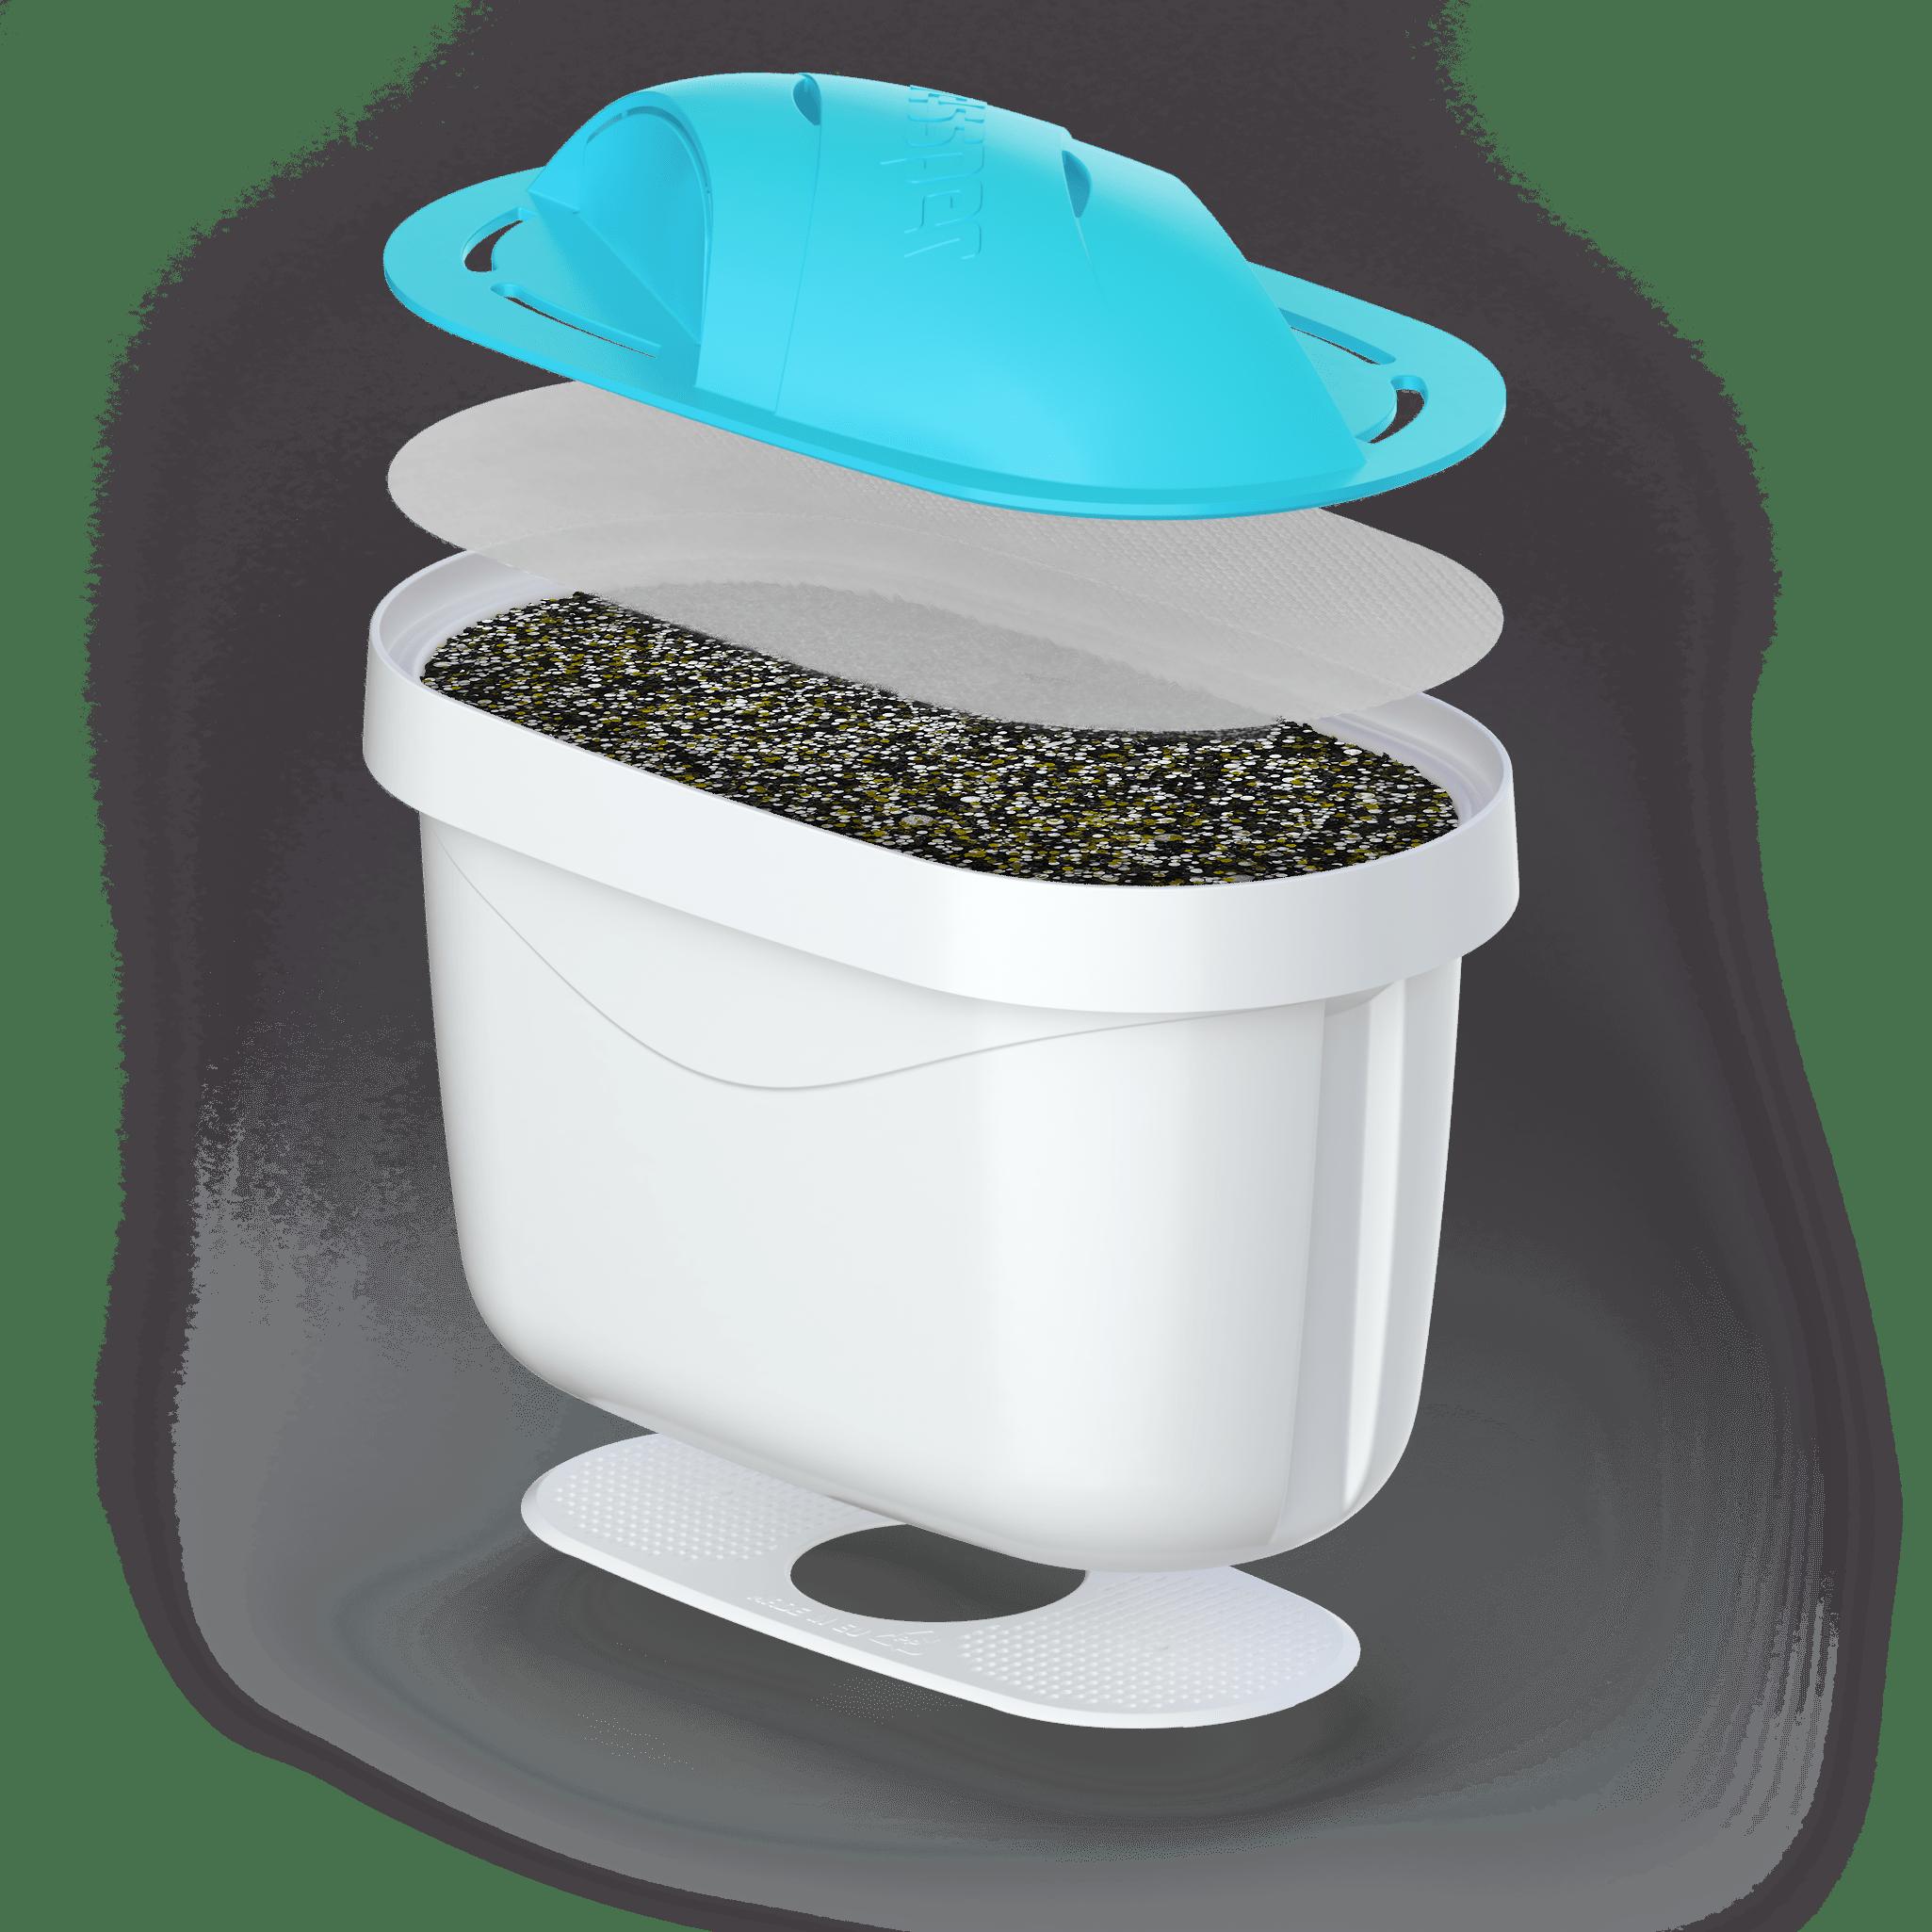 Alkalisches Wasser 4 Filter für Brita Maxtra AQUAMAX Alkaline Wasserfilter